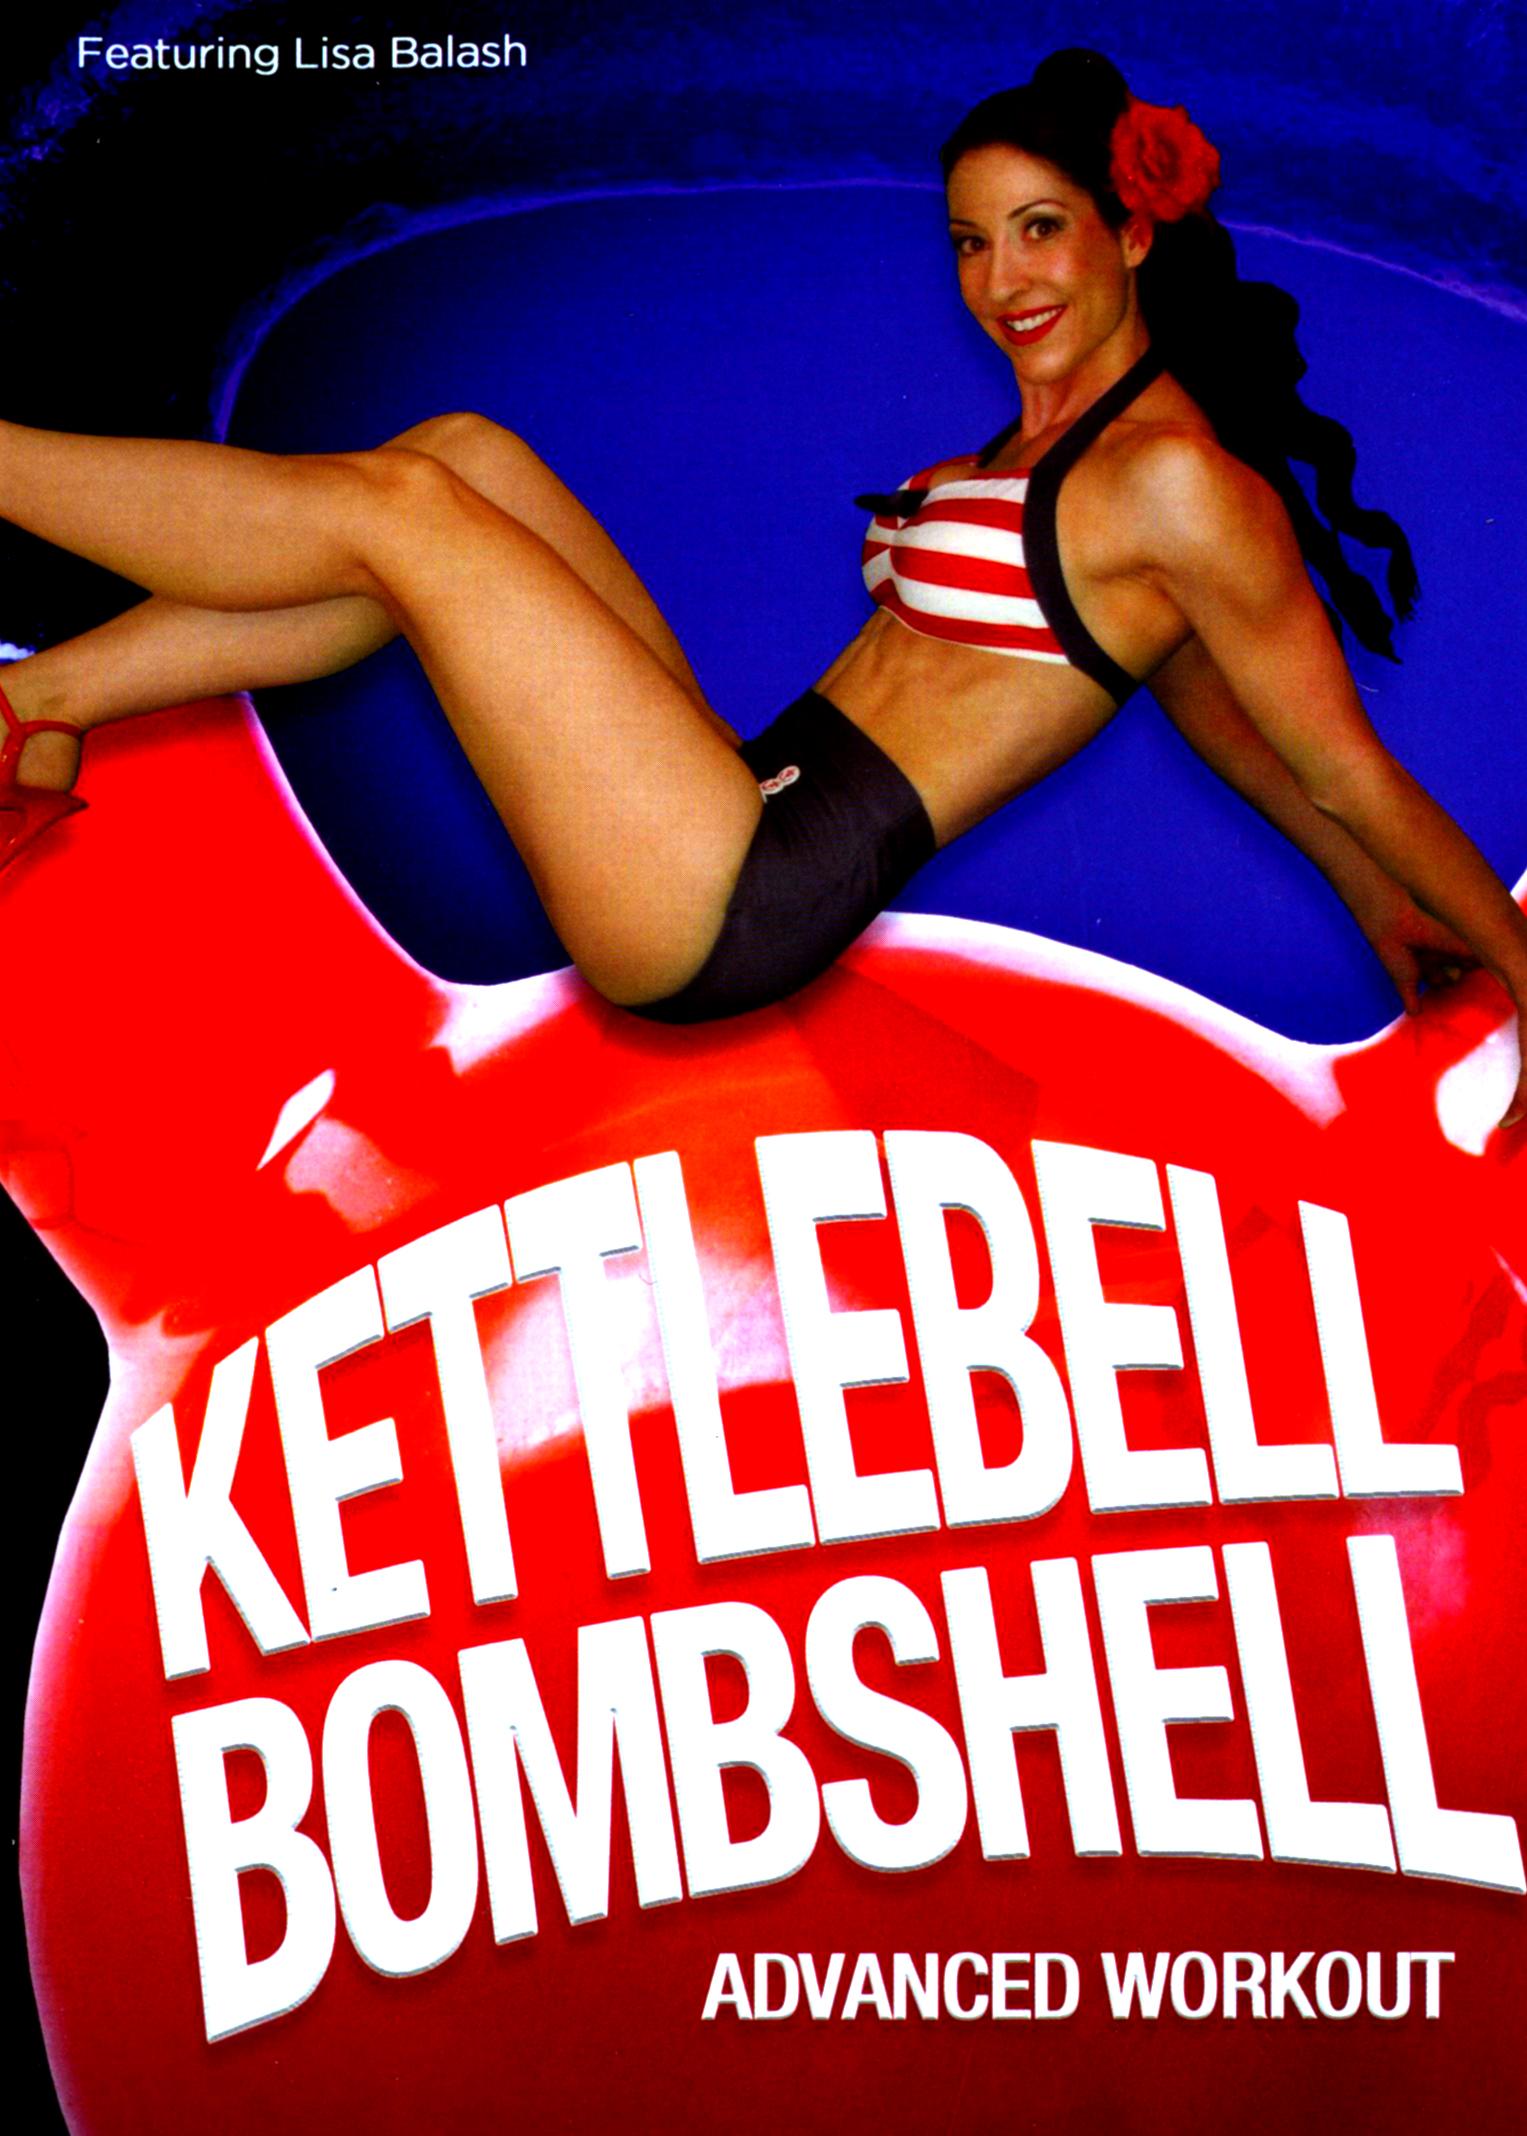 Kettlebell Bombshell: Advanced Workout